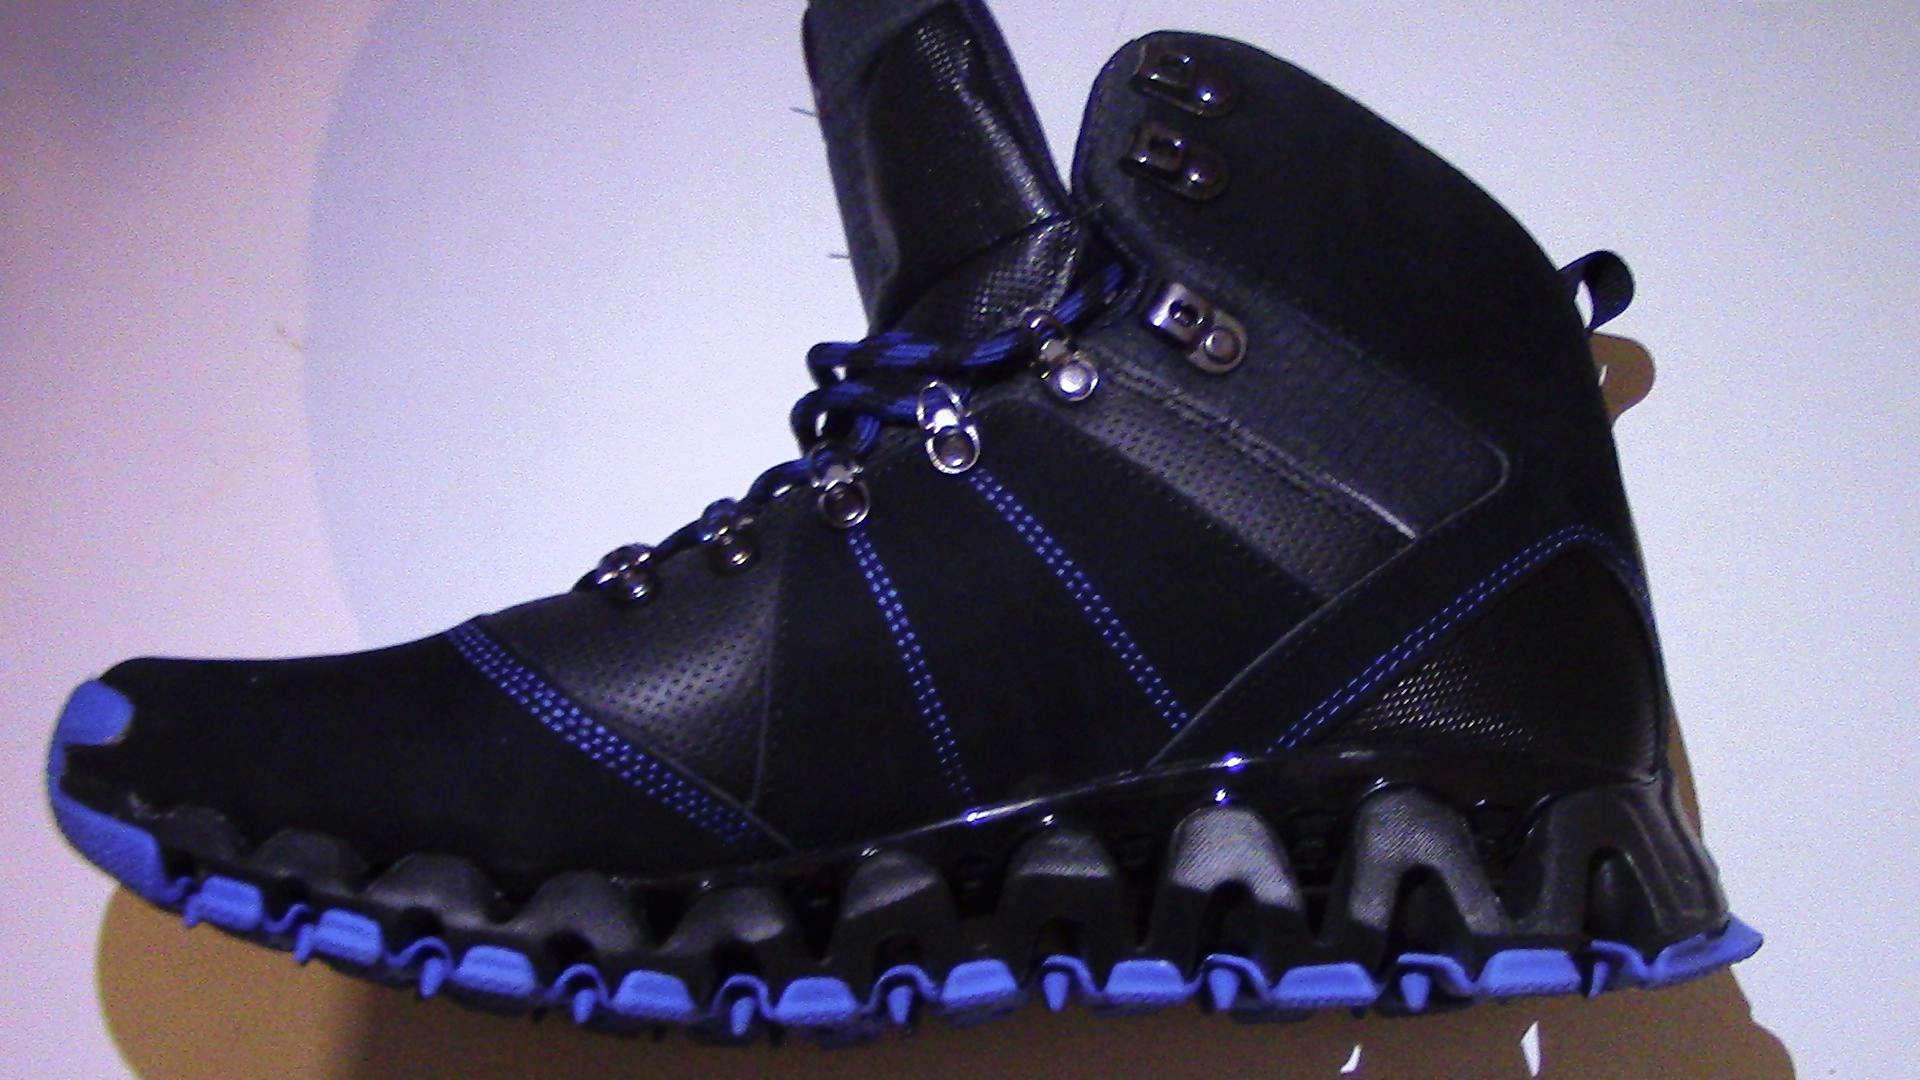 4e1867a8ec7c0b reebok zig trail mobilize mid outdoor boots